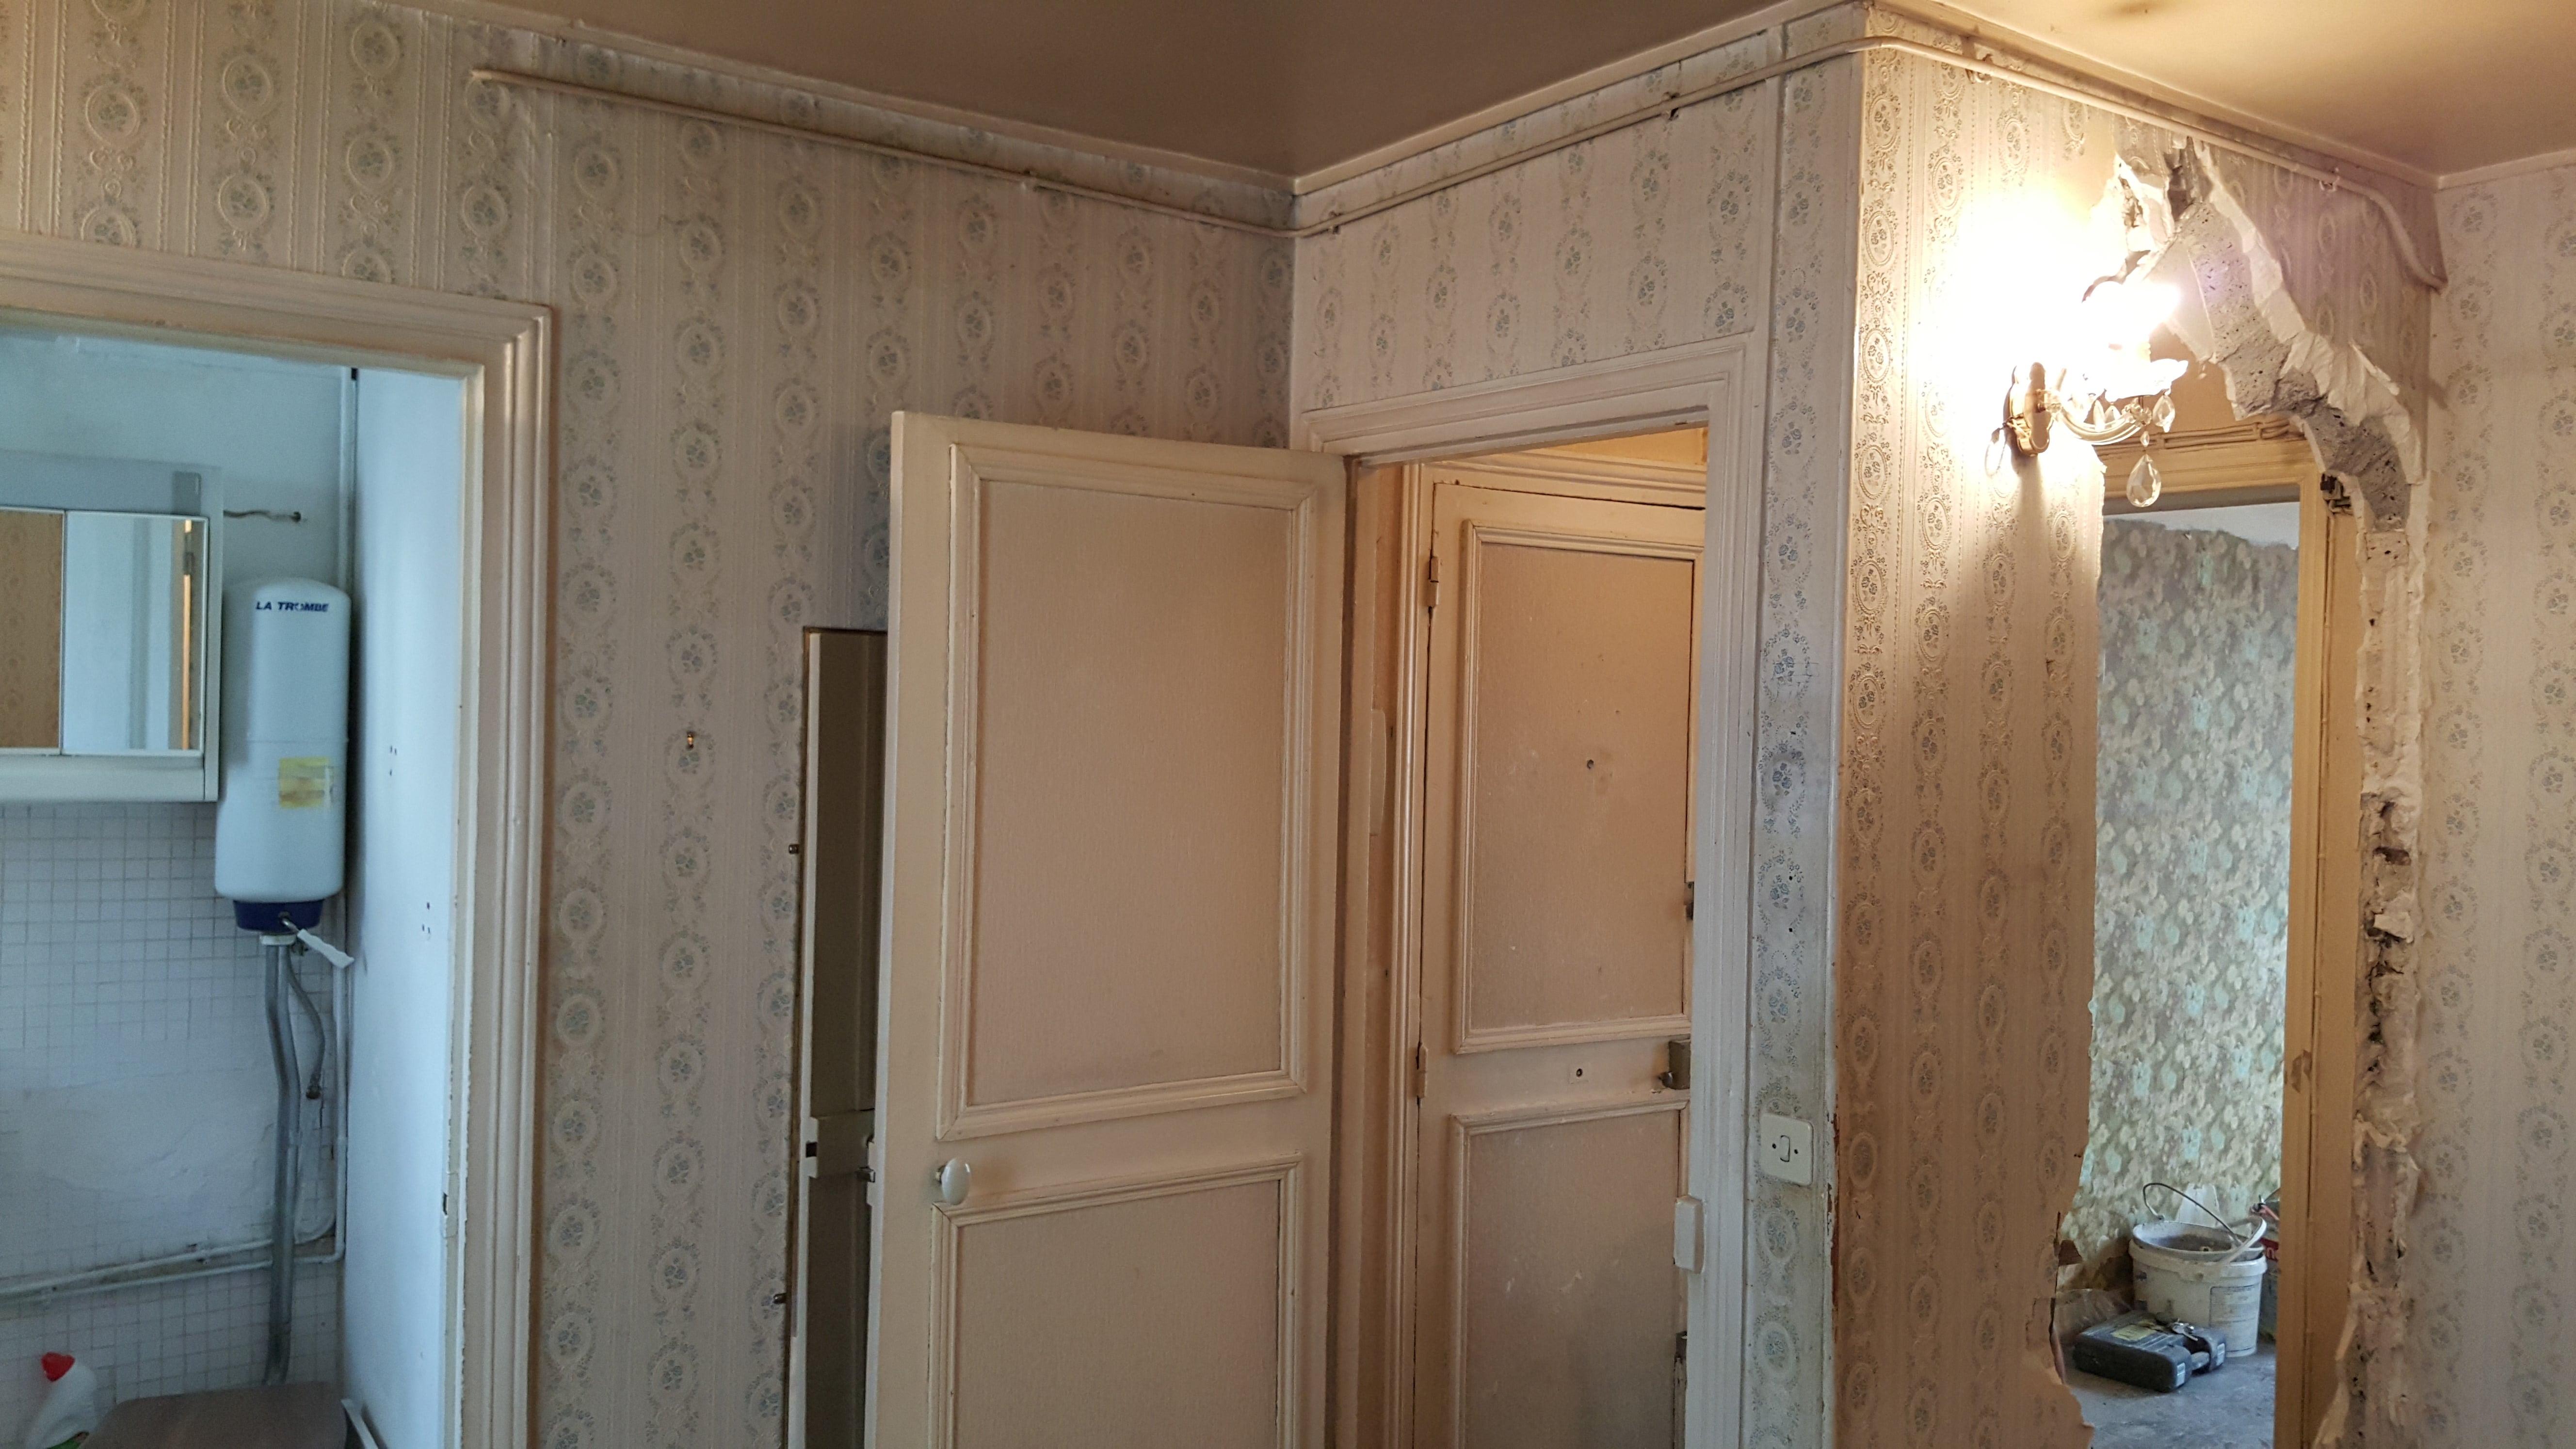 Travaux-de-renovation-a-Asnieres-d'un-studio-7-pose-de-carrelage-toile-de-verre-peinture-plomberie-electricite-texas-batiment-rge-min